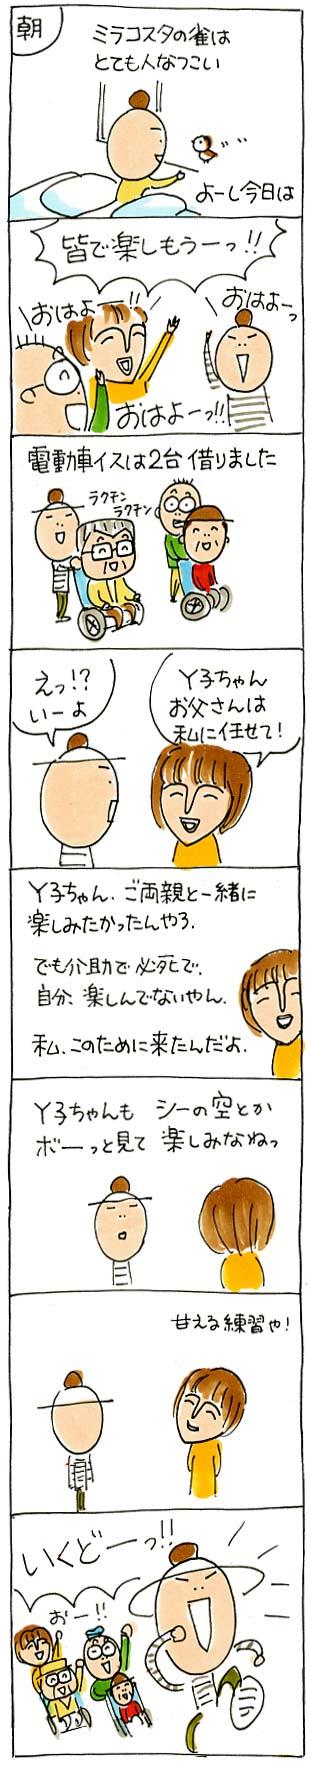 ディズニーシー3−01